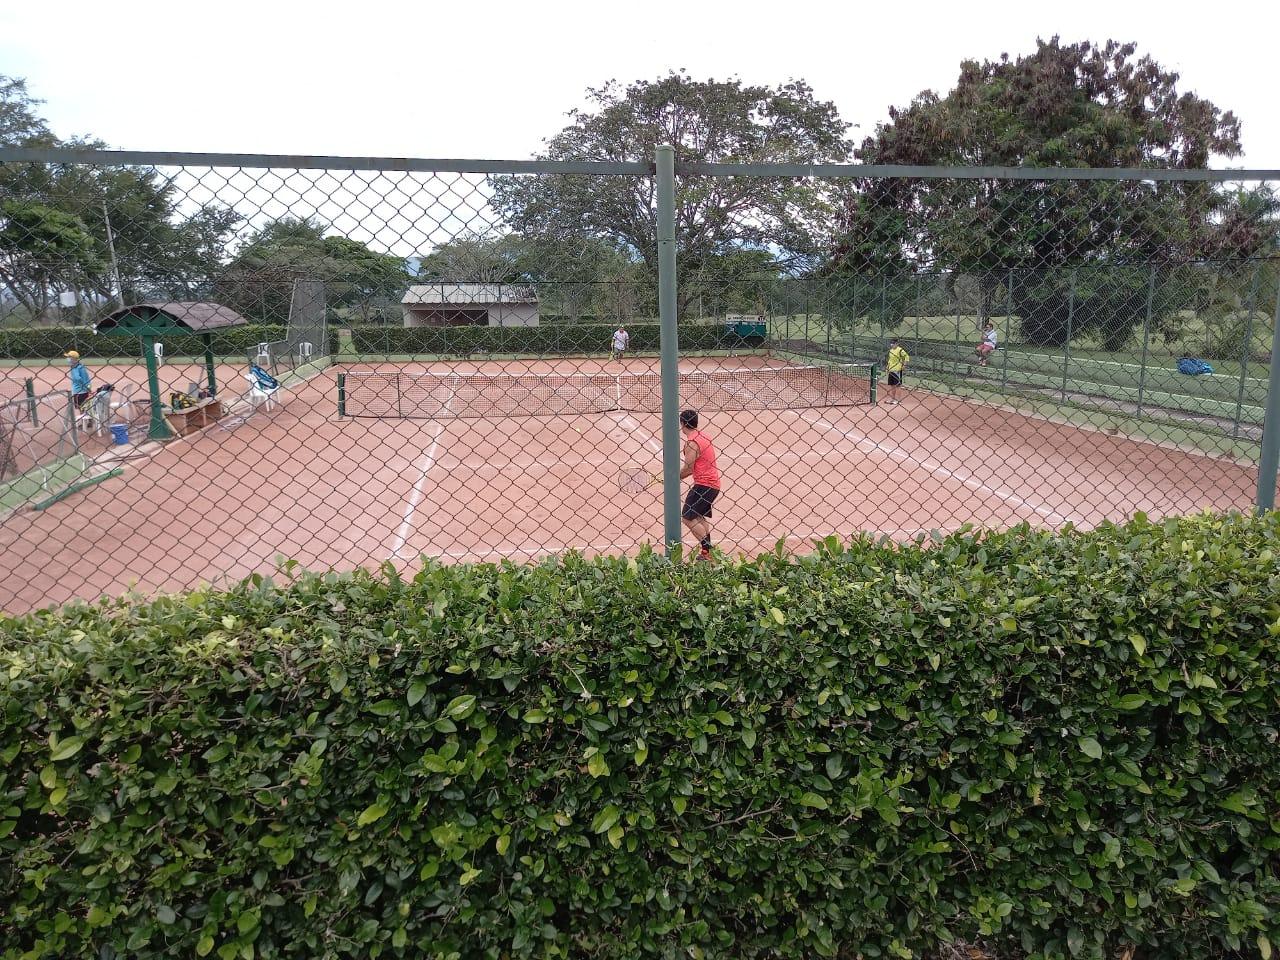 Con éxito empezó el Torneo Nacional de Tenis Aficionado en Ibagué